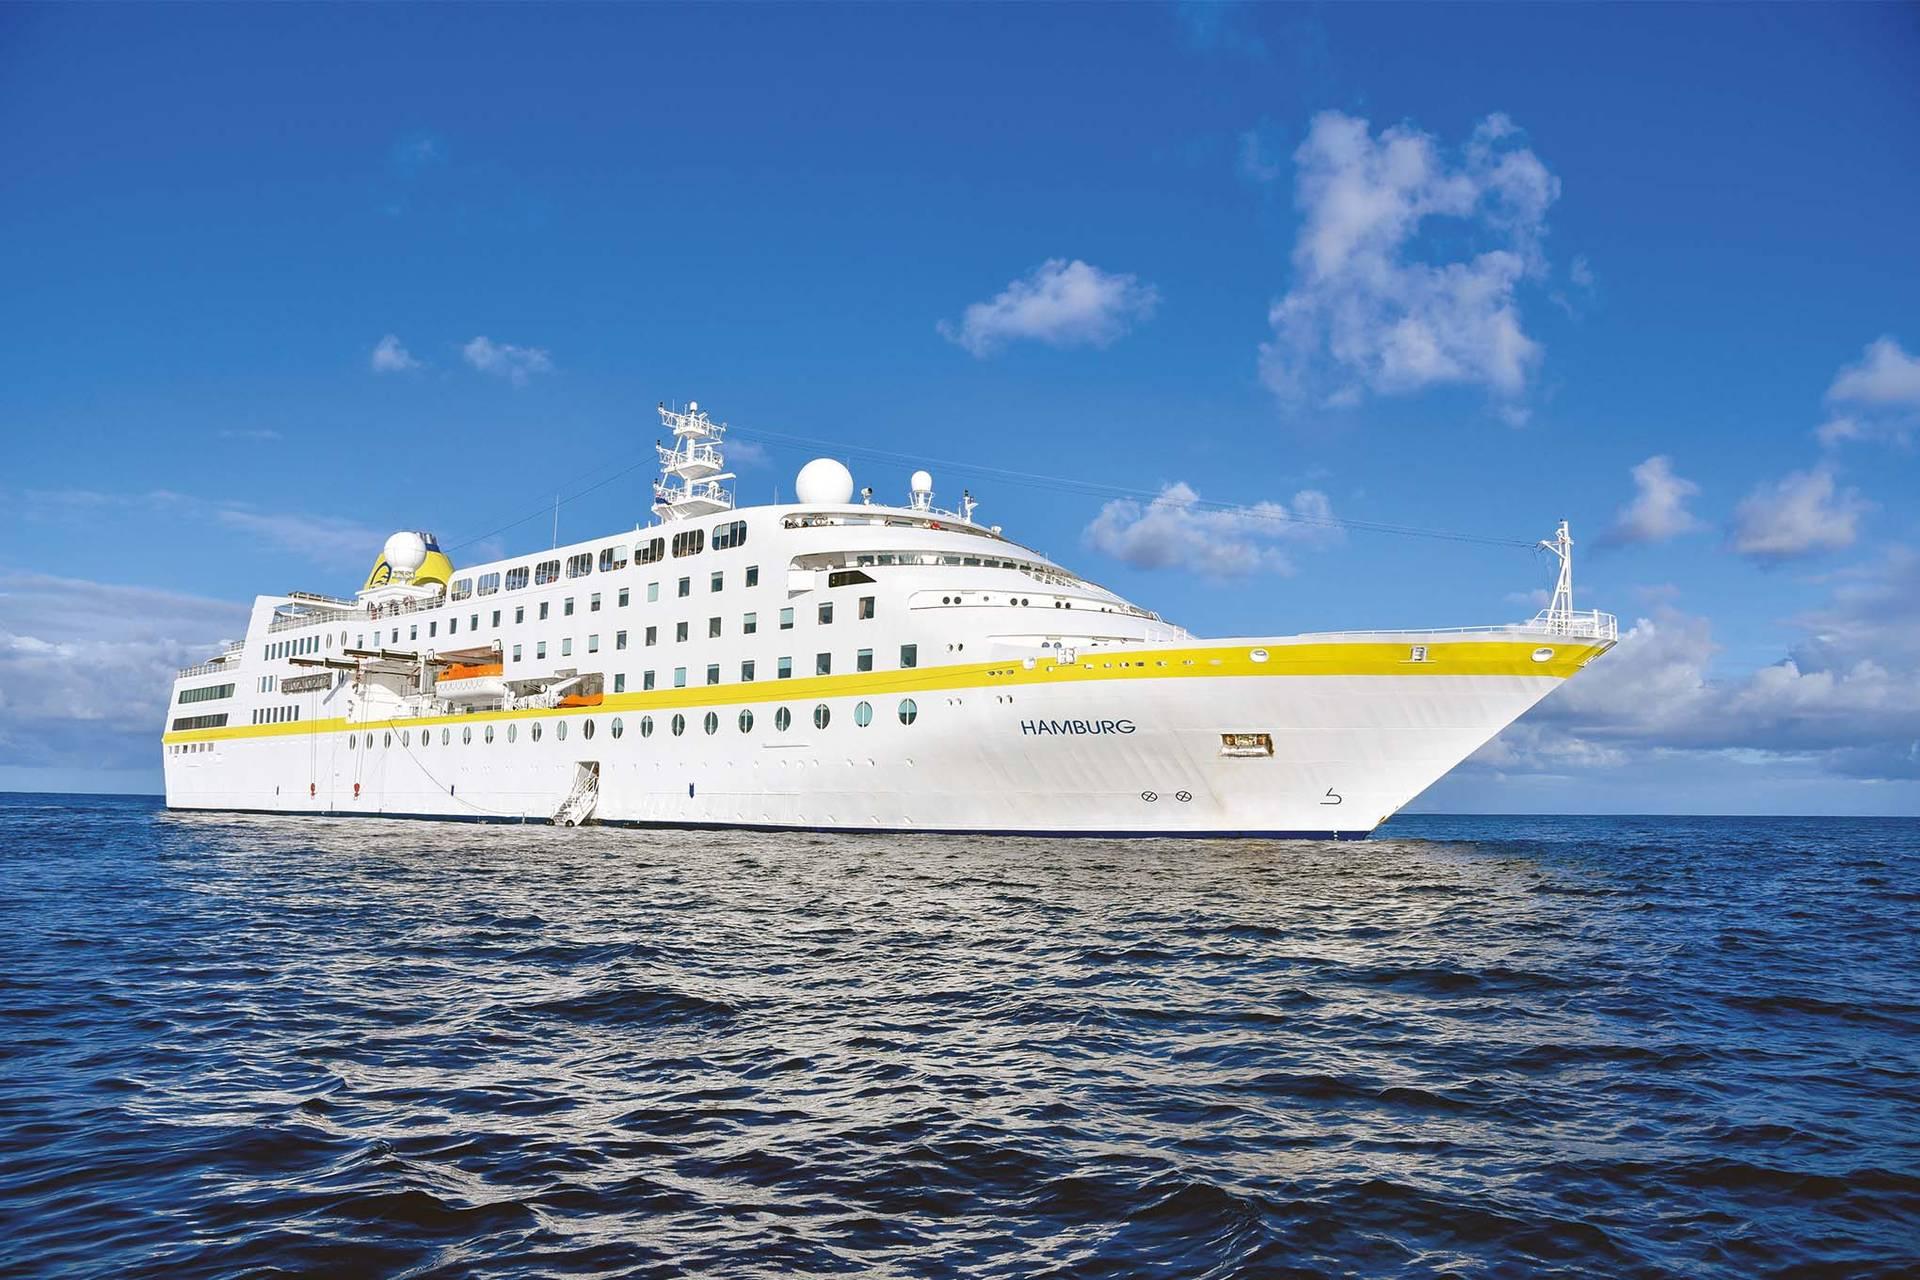 Após três anos sem o atracamento de transatlânticos, o litoral do Estado recebe o MS Hamburg no próximo domingo (15).